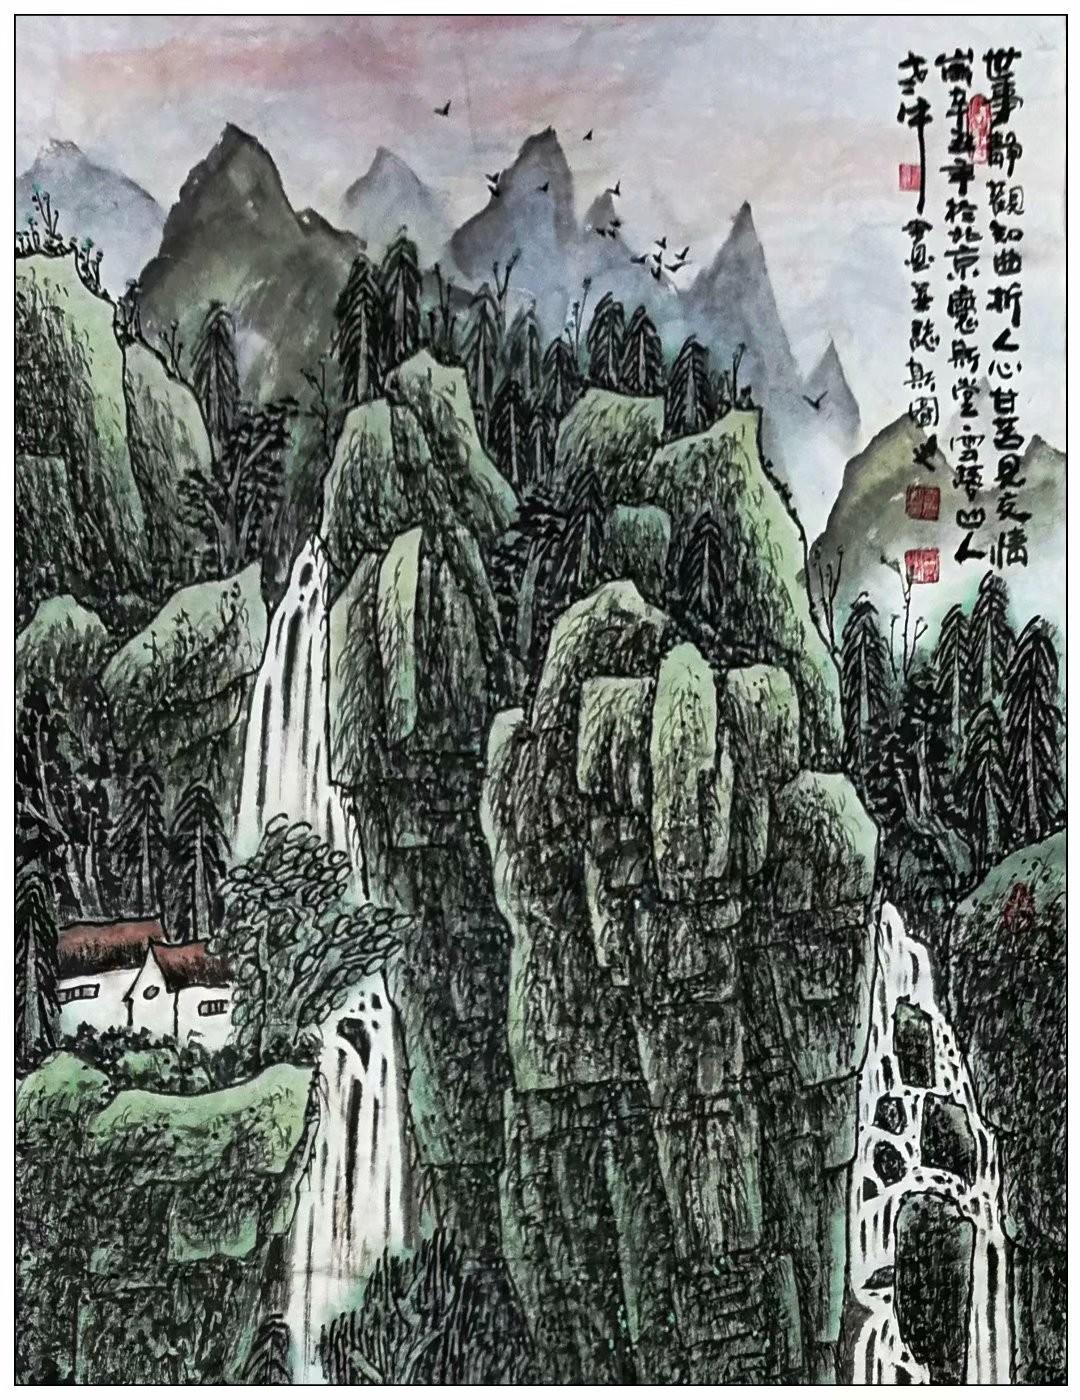 牛志高山水画2021.07.05_图1-7